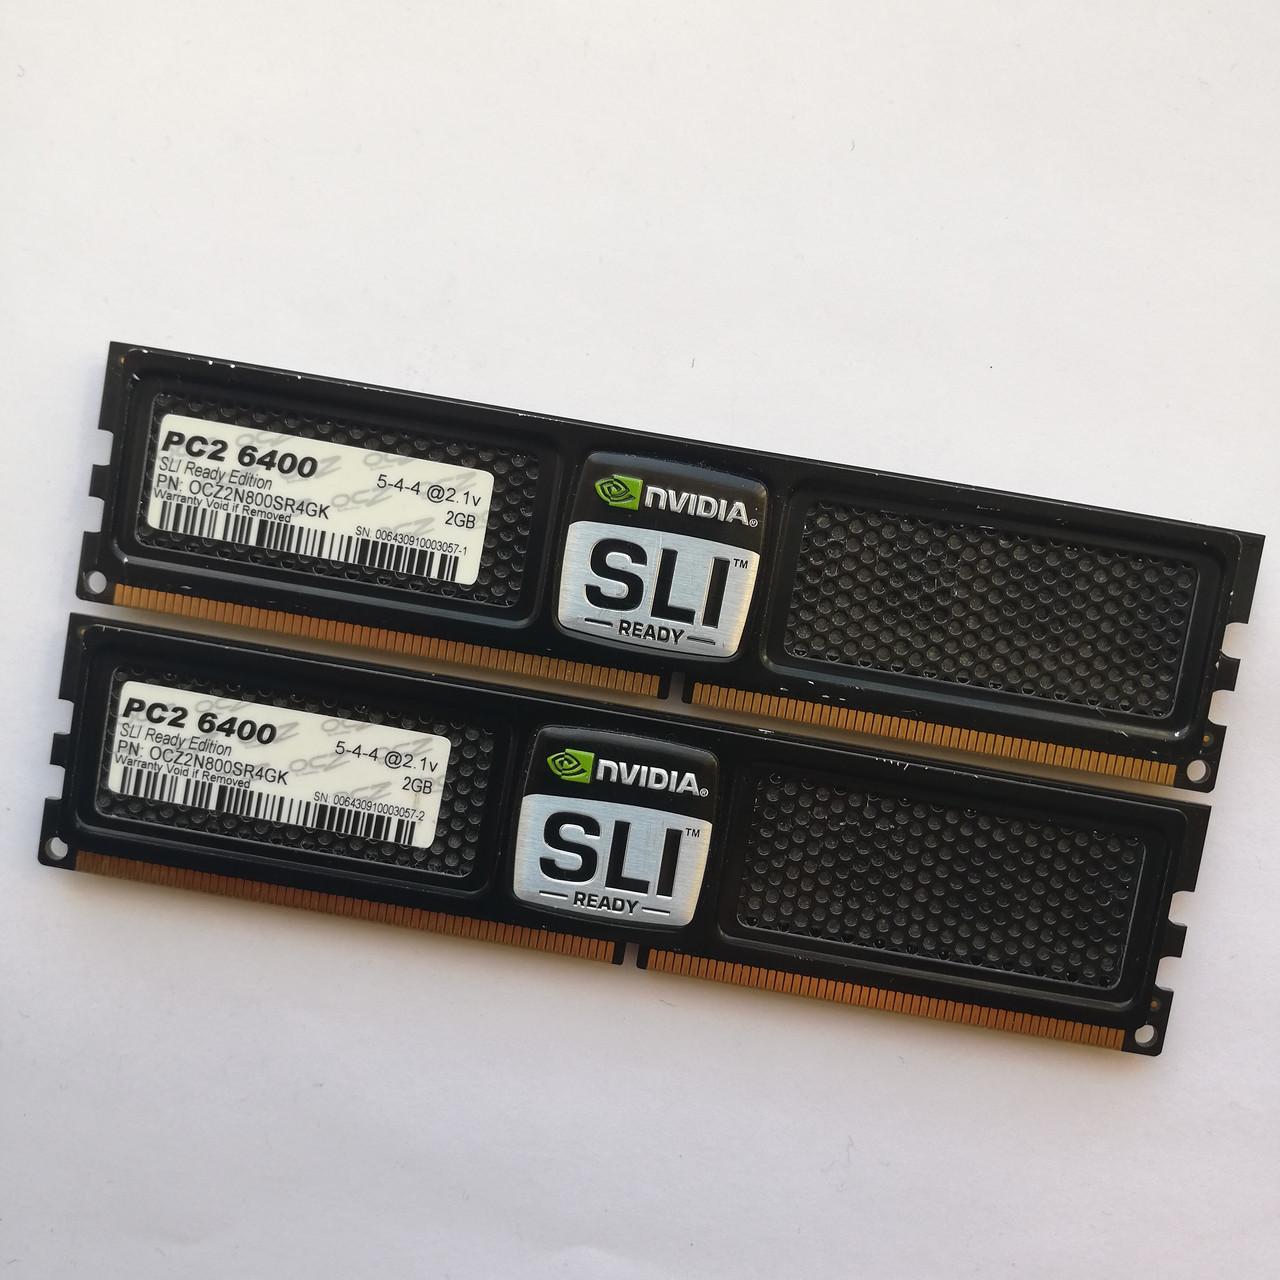 Комплект оперативной памяти OCZ SLI-Ready DDR2 4Gb (2Gb+2Gb) 800MHz PC2 6400U CL5 (OCZ2N800SR4GK) Б/У